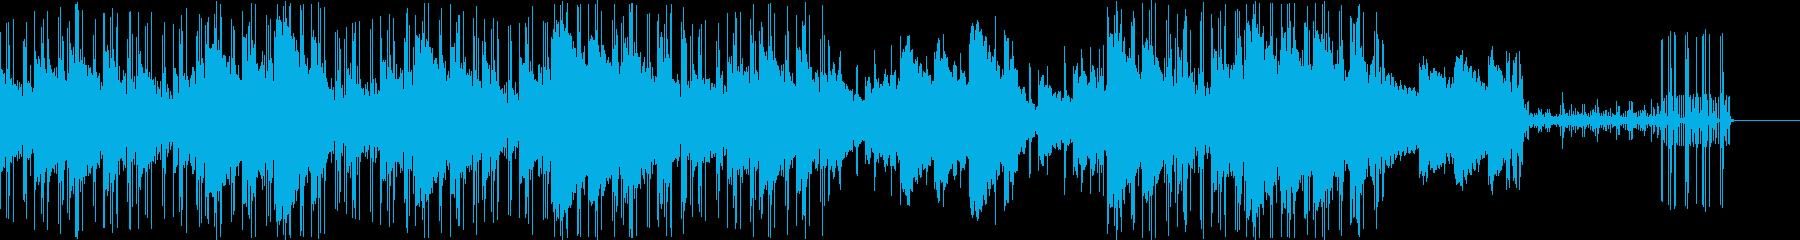 オーディオドラマ向けBGM/サスペンス7の再生済みの波形